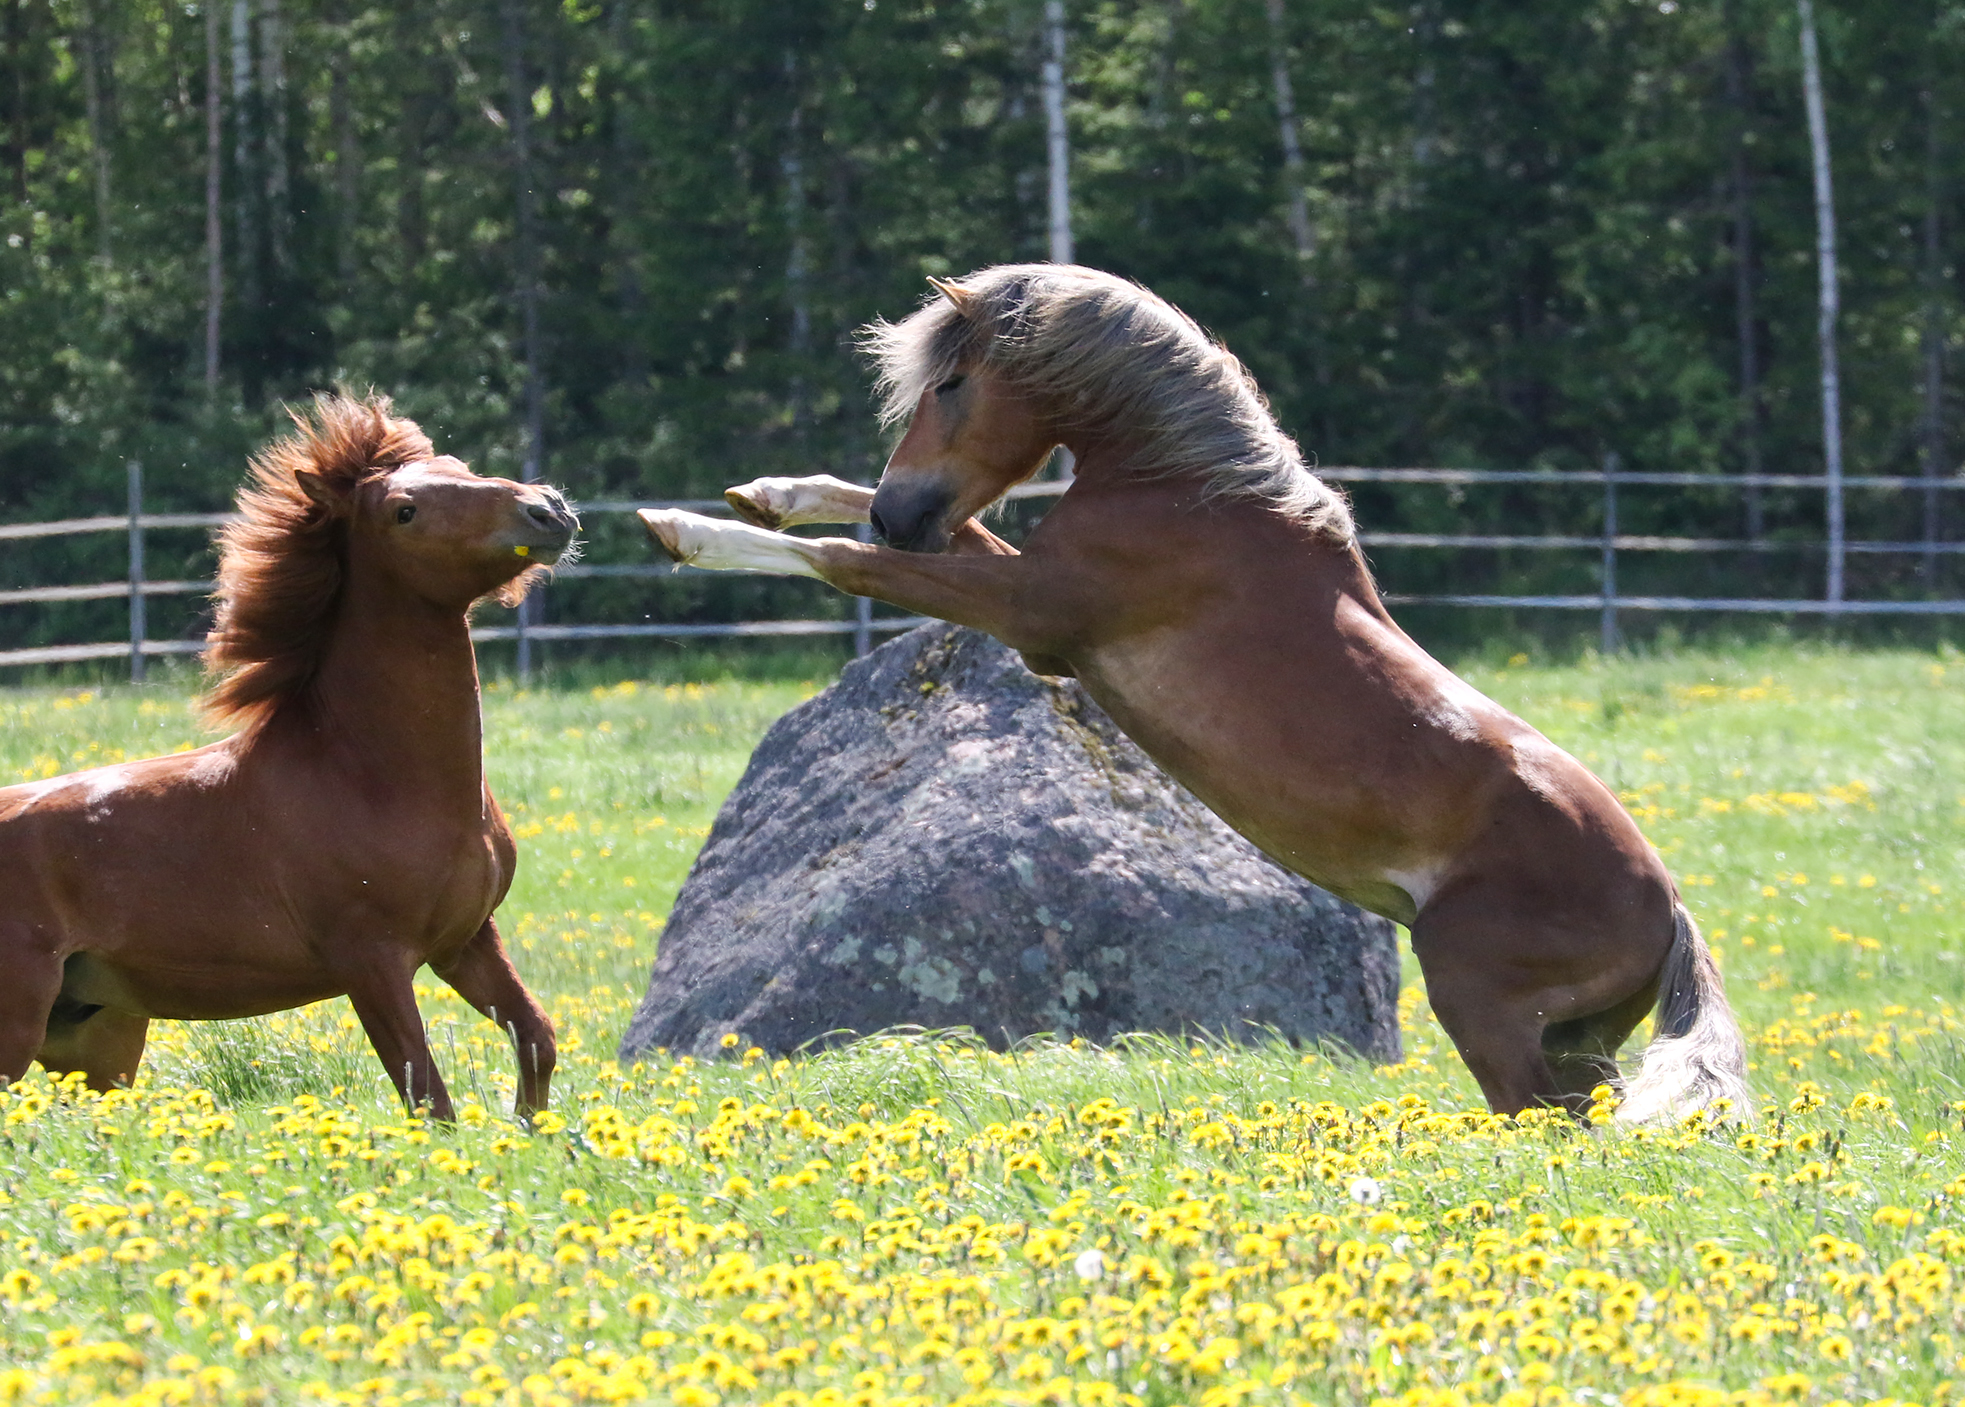 Hevosenleikkiä /Finnhorses